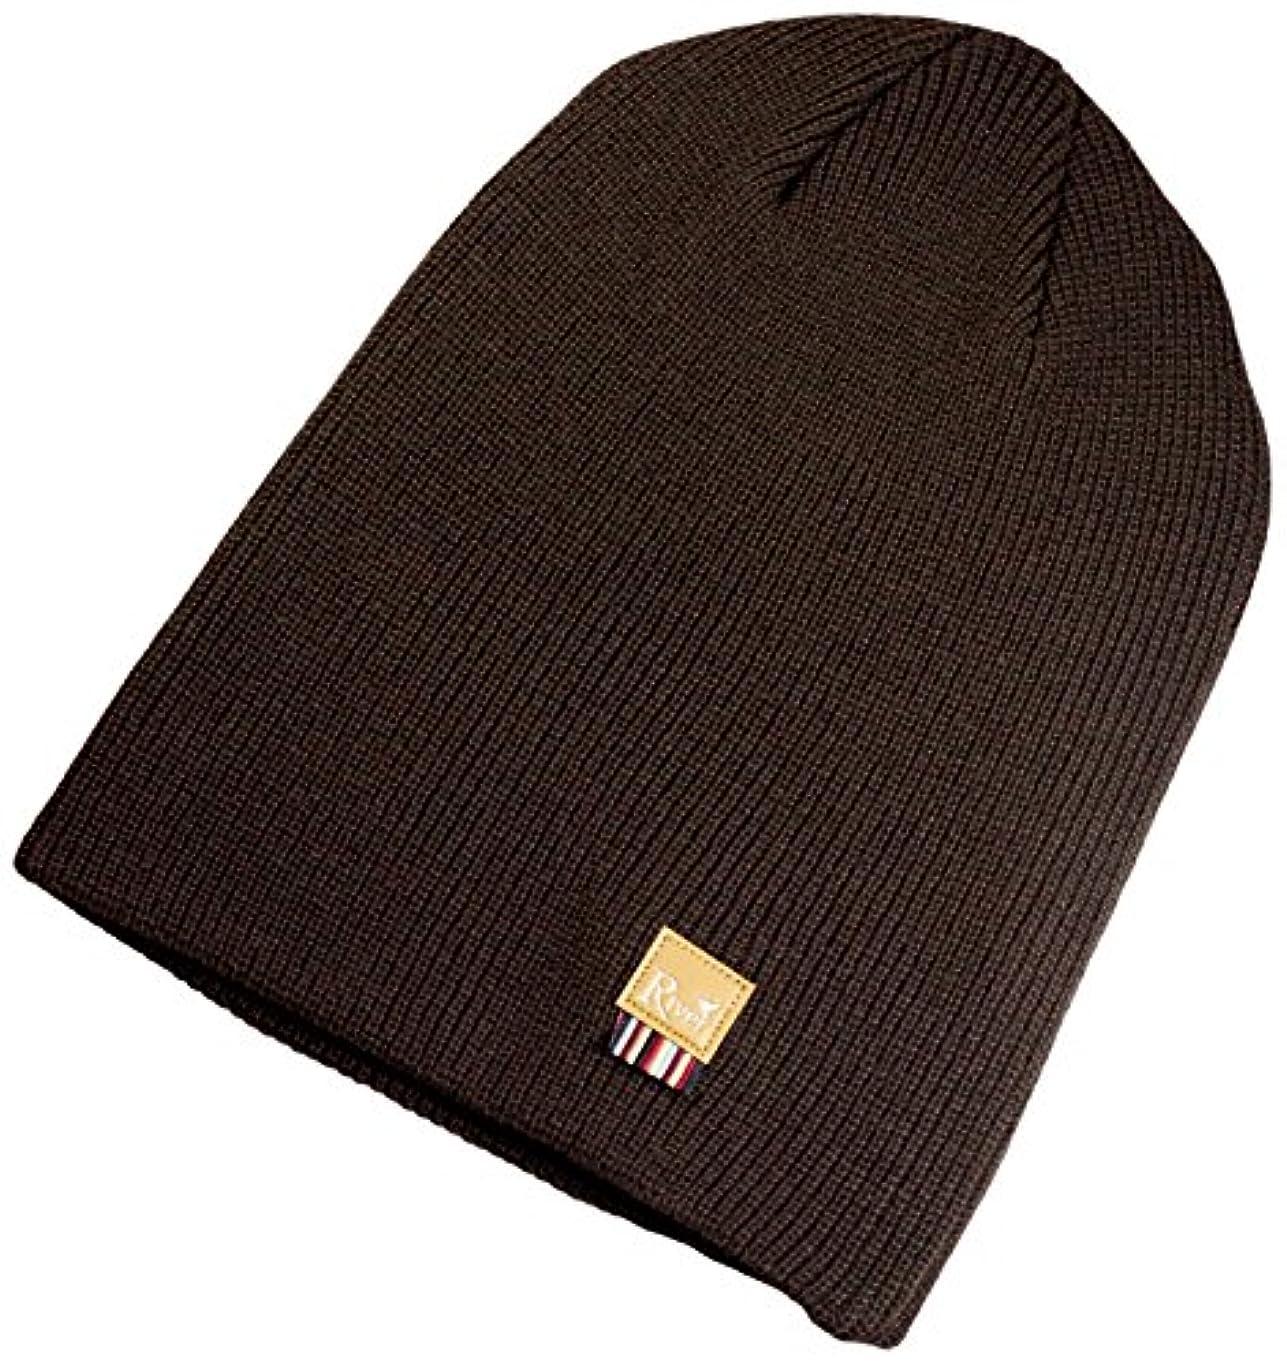 置くためにパックびんまもなくRIVER(リバー) SCUDETTO RV122318 HEATHER BROWN FREE   リブ編み ビーニー ニット帽子